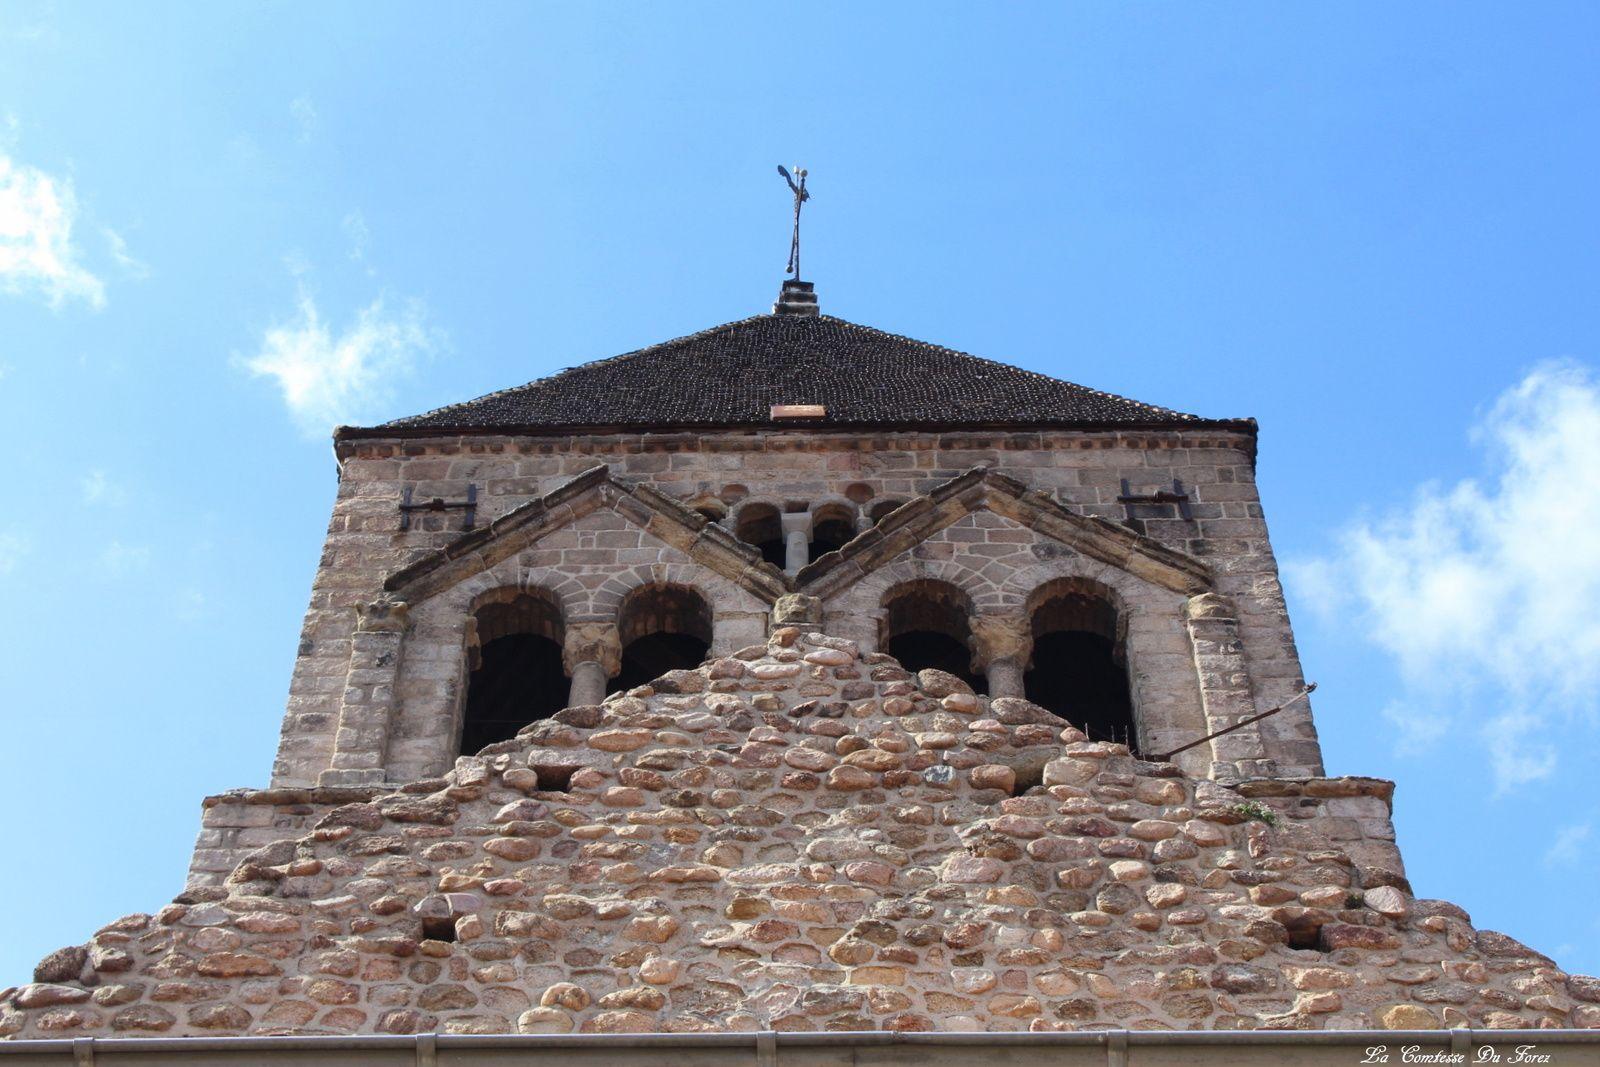 Ville de Saint-Rambert (Loire, 42)